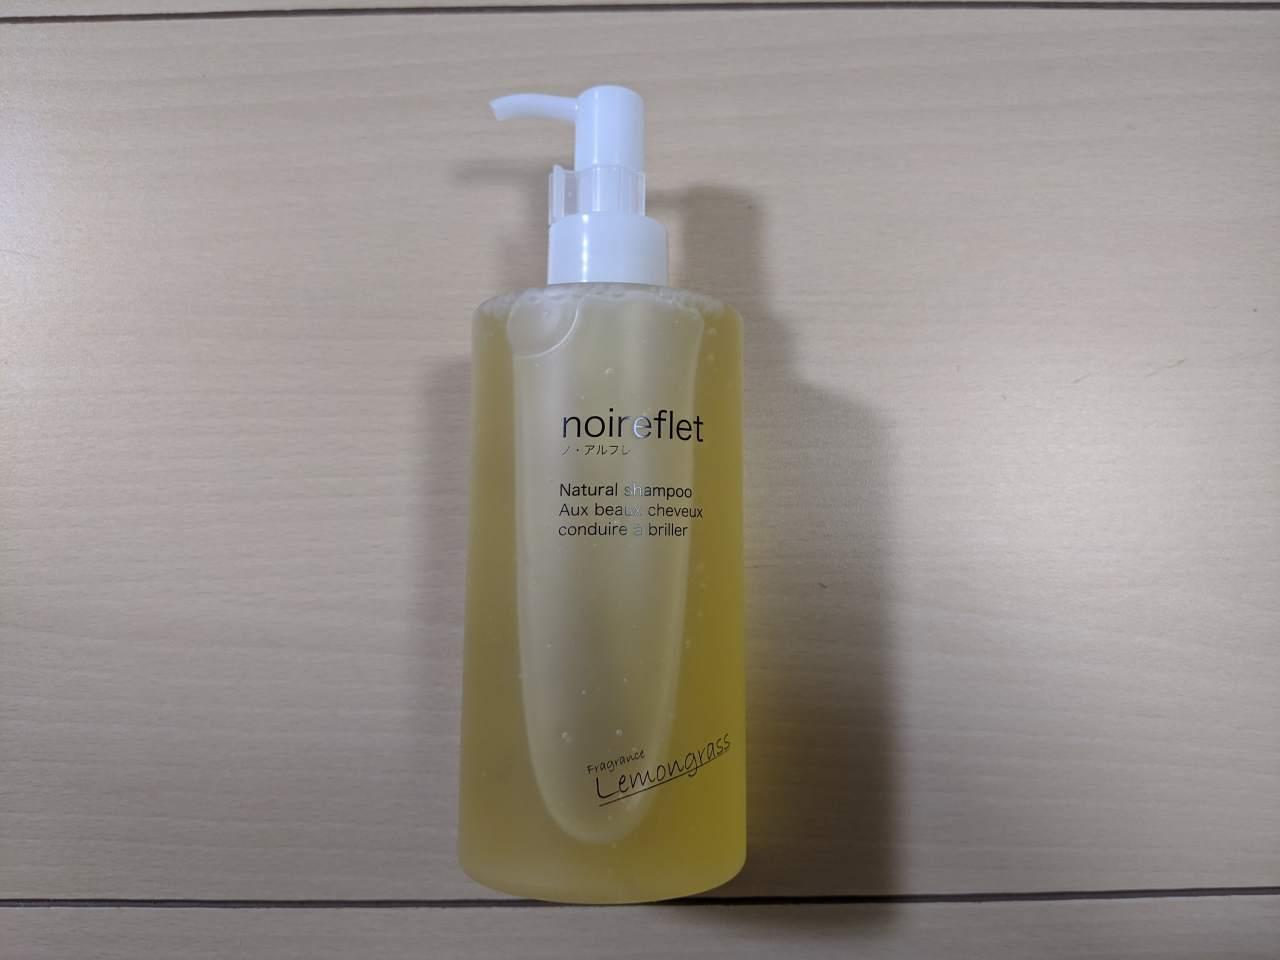 オールワンボタニカルシャンプー「ノ・アルフレ(noireflet)」のボトル